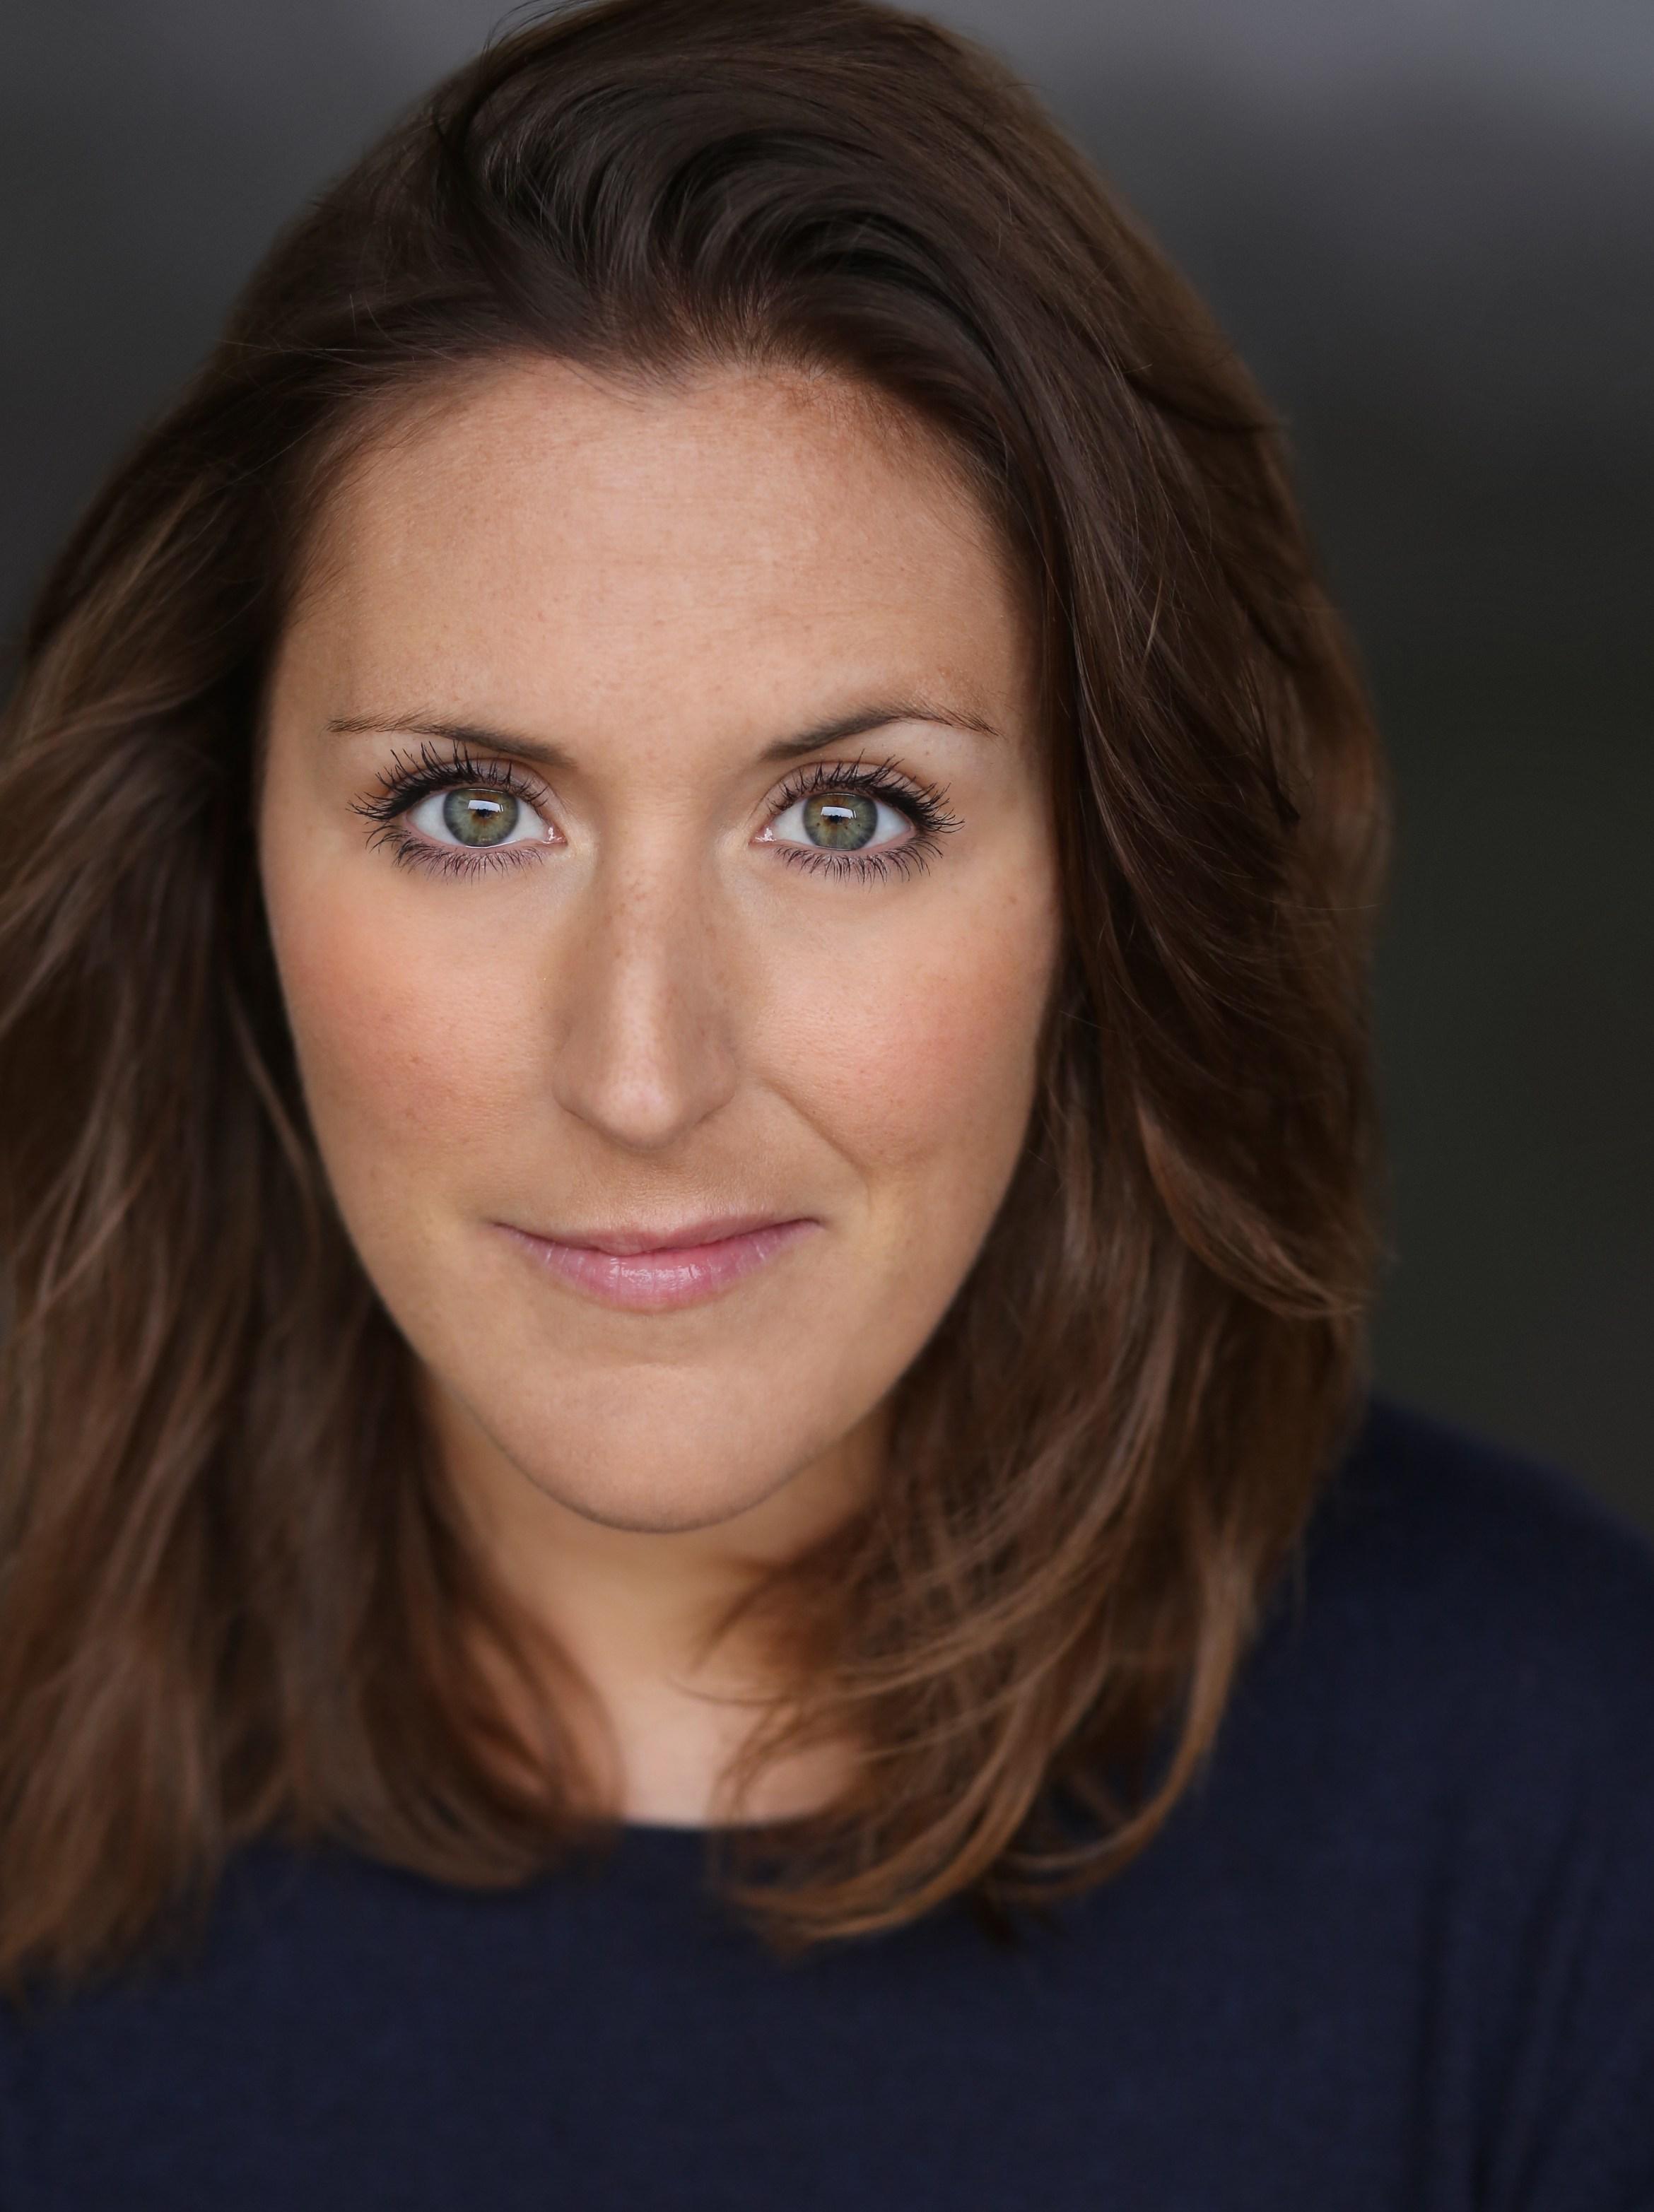 Laura Dalgleish headshot.jpg